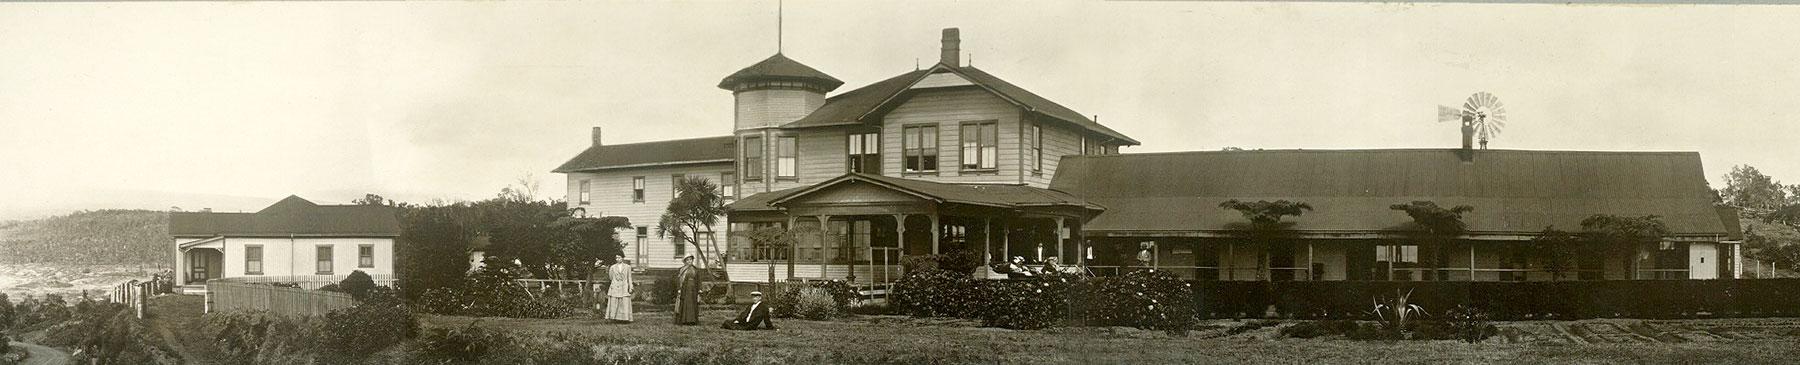 Volcano House 1912